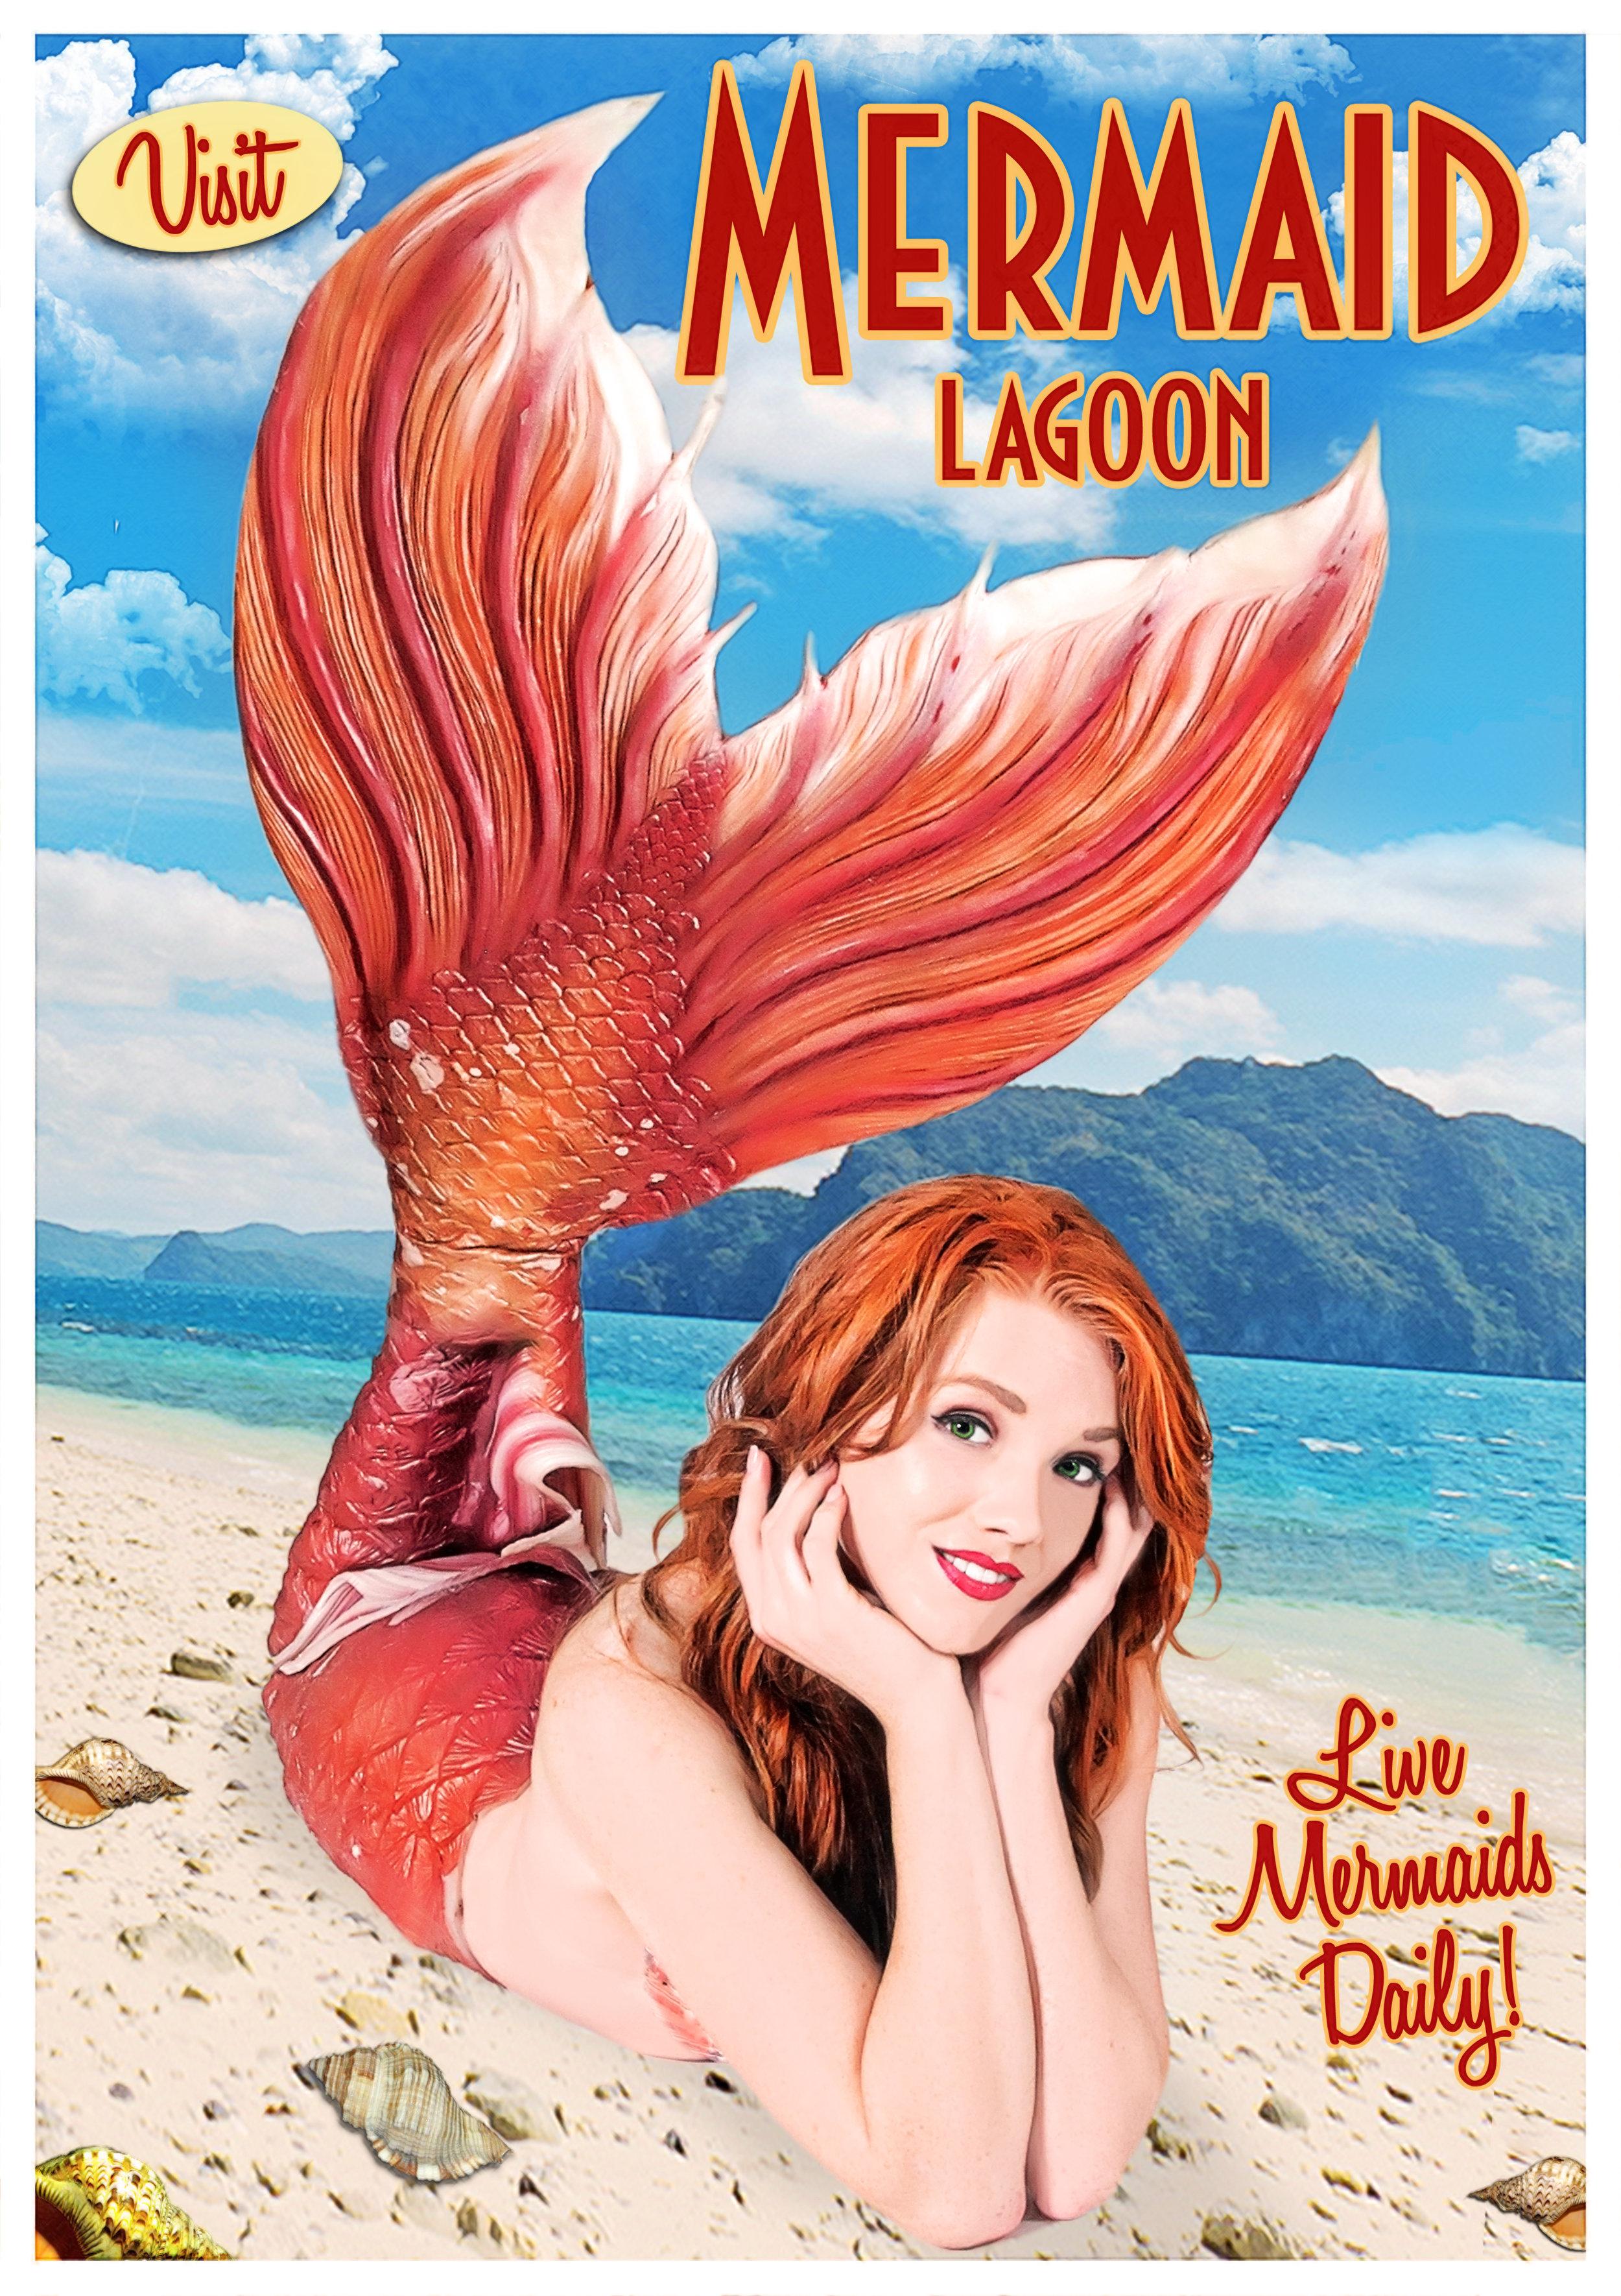 mermaidlagoonLarge.jpg